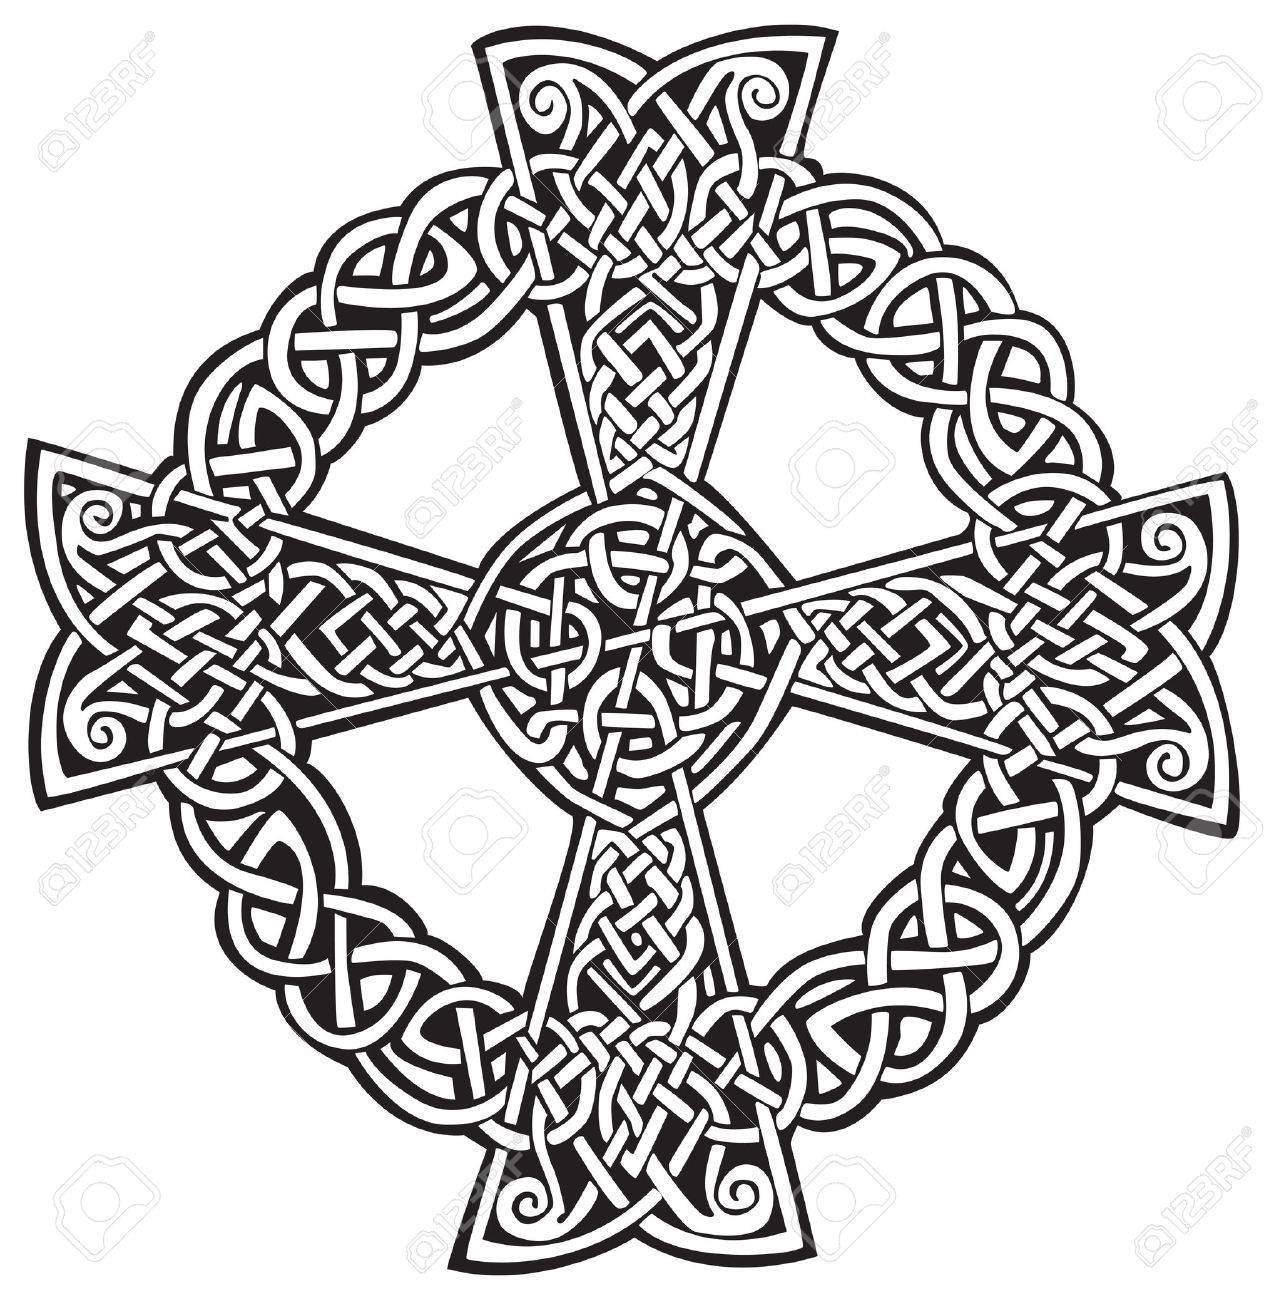 Dessin Celtique une illustration d'une croix celtique dans un dessin abstrait, isolé